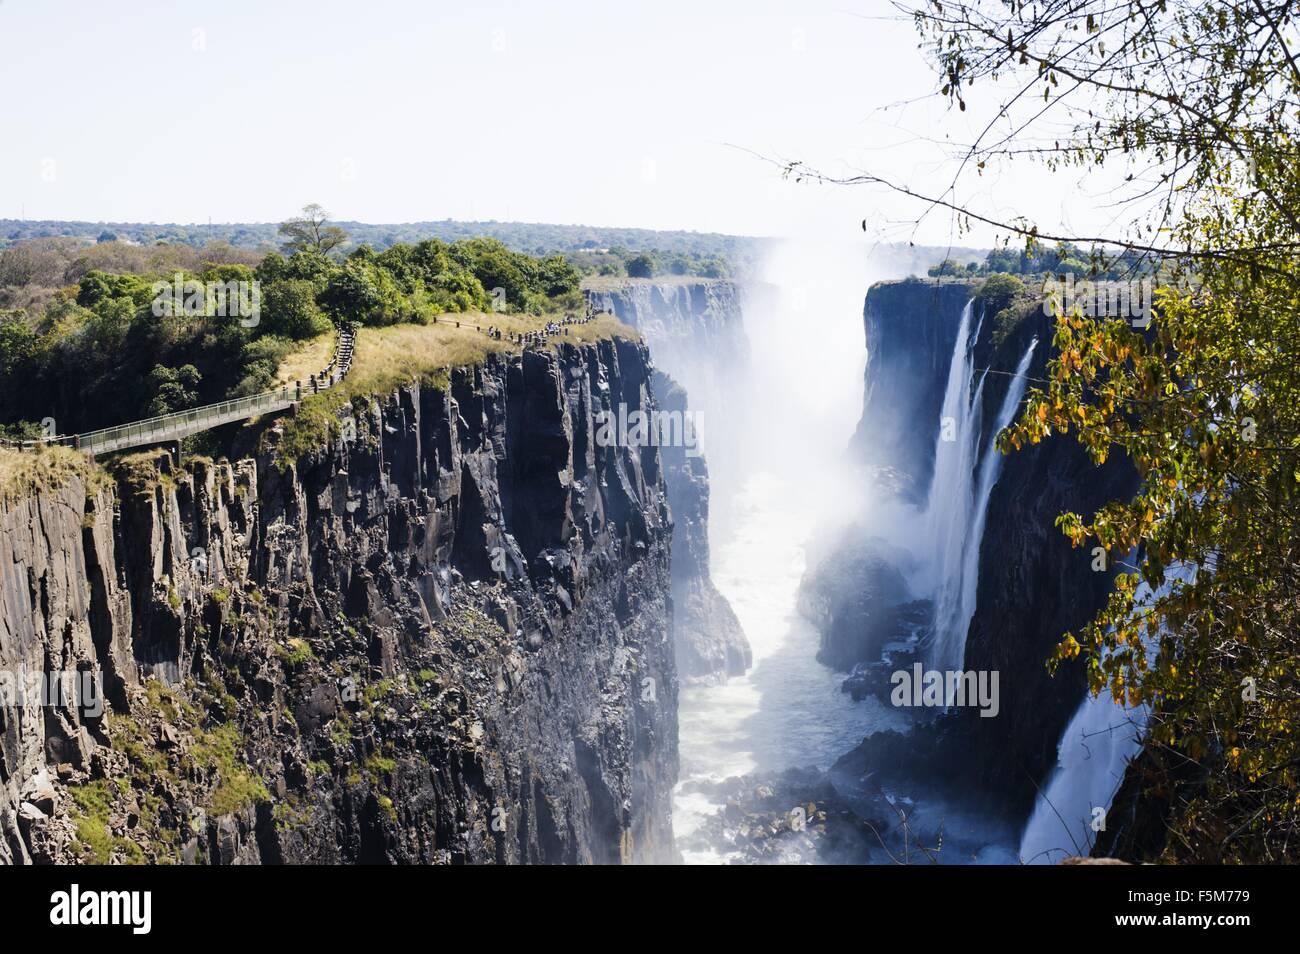 View of Victoria Falls, Zambia - Stock Image